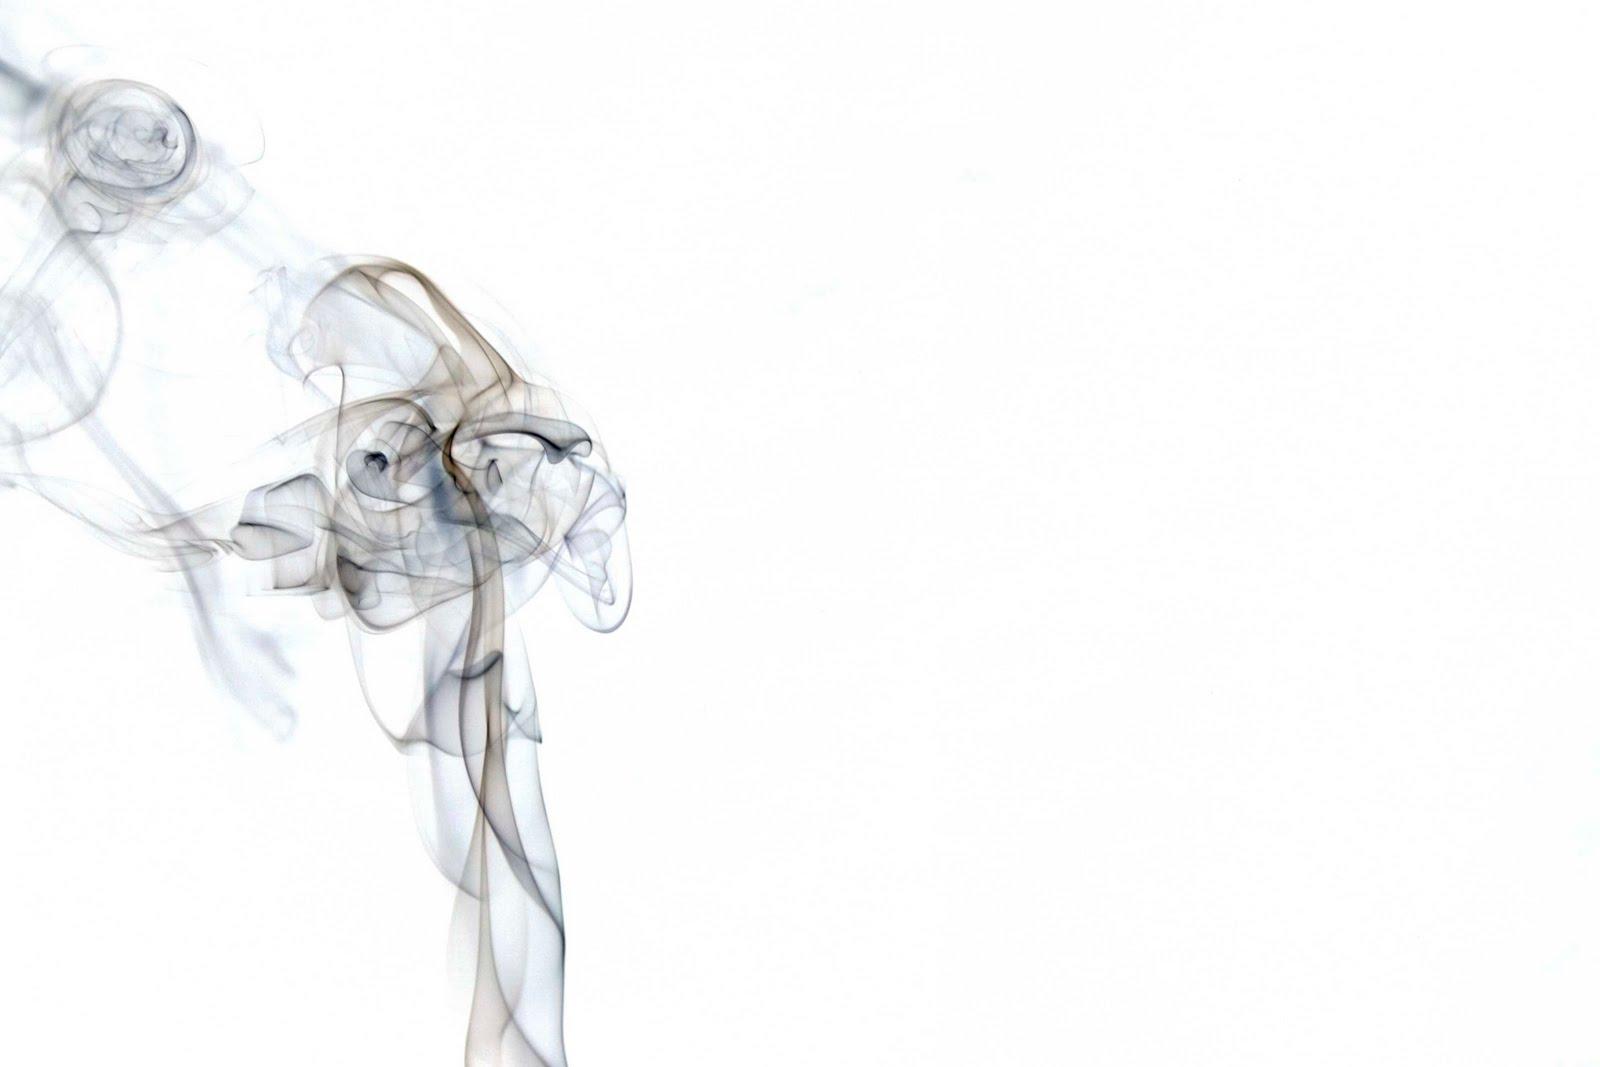 http://4.bp.blogspot.com/_nEr3zo-Qi1Q/SxL2mnulD7I/AAAAAAAABB4/sQsXCn0xGIM/s1600/smoke4.jpg